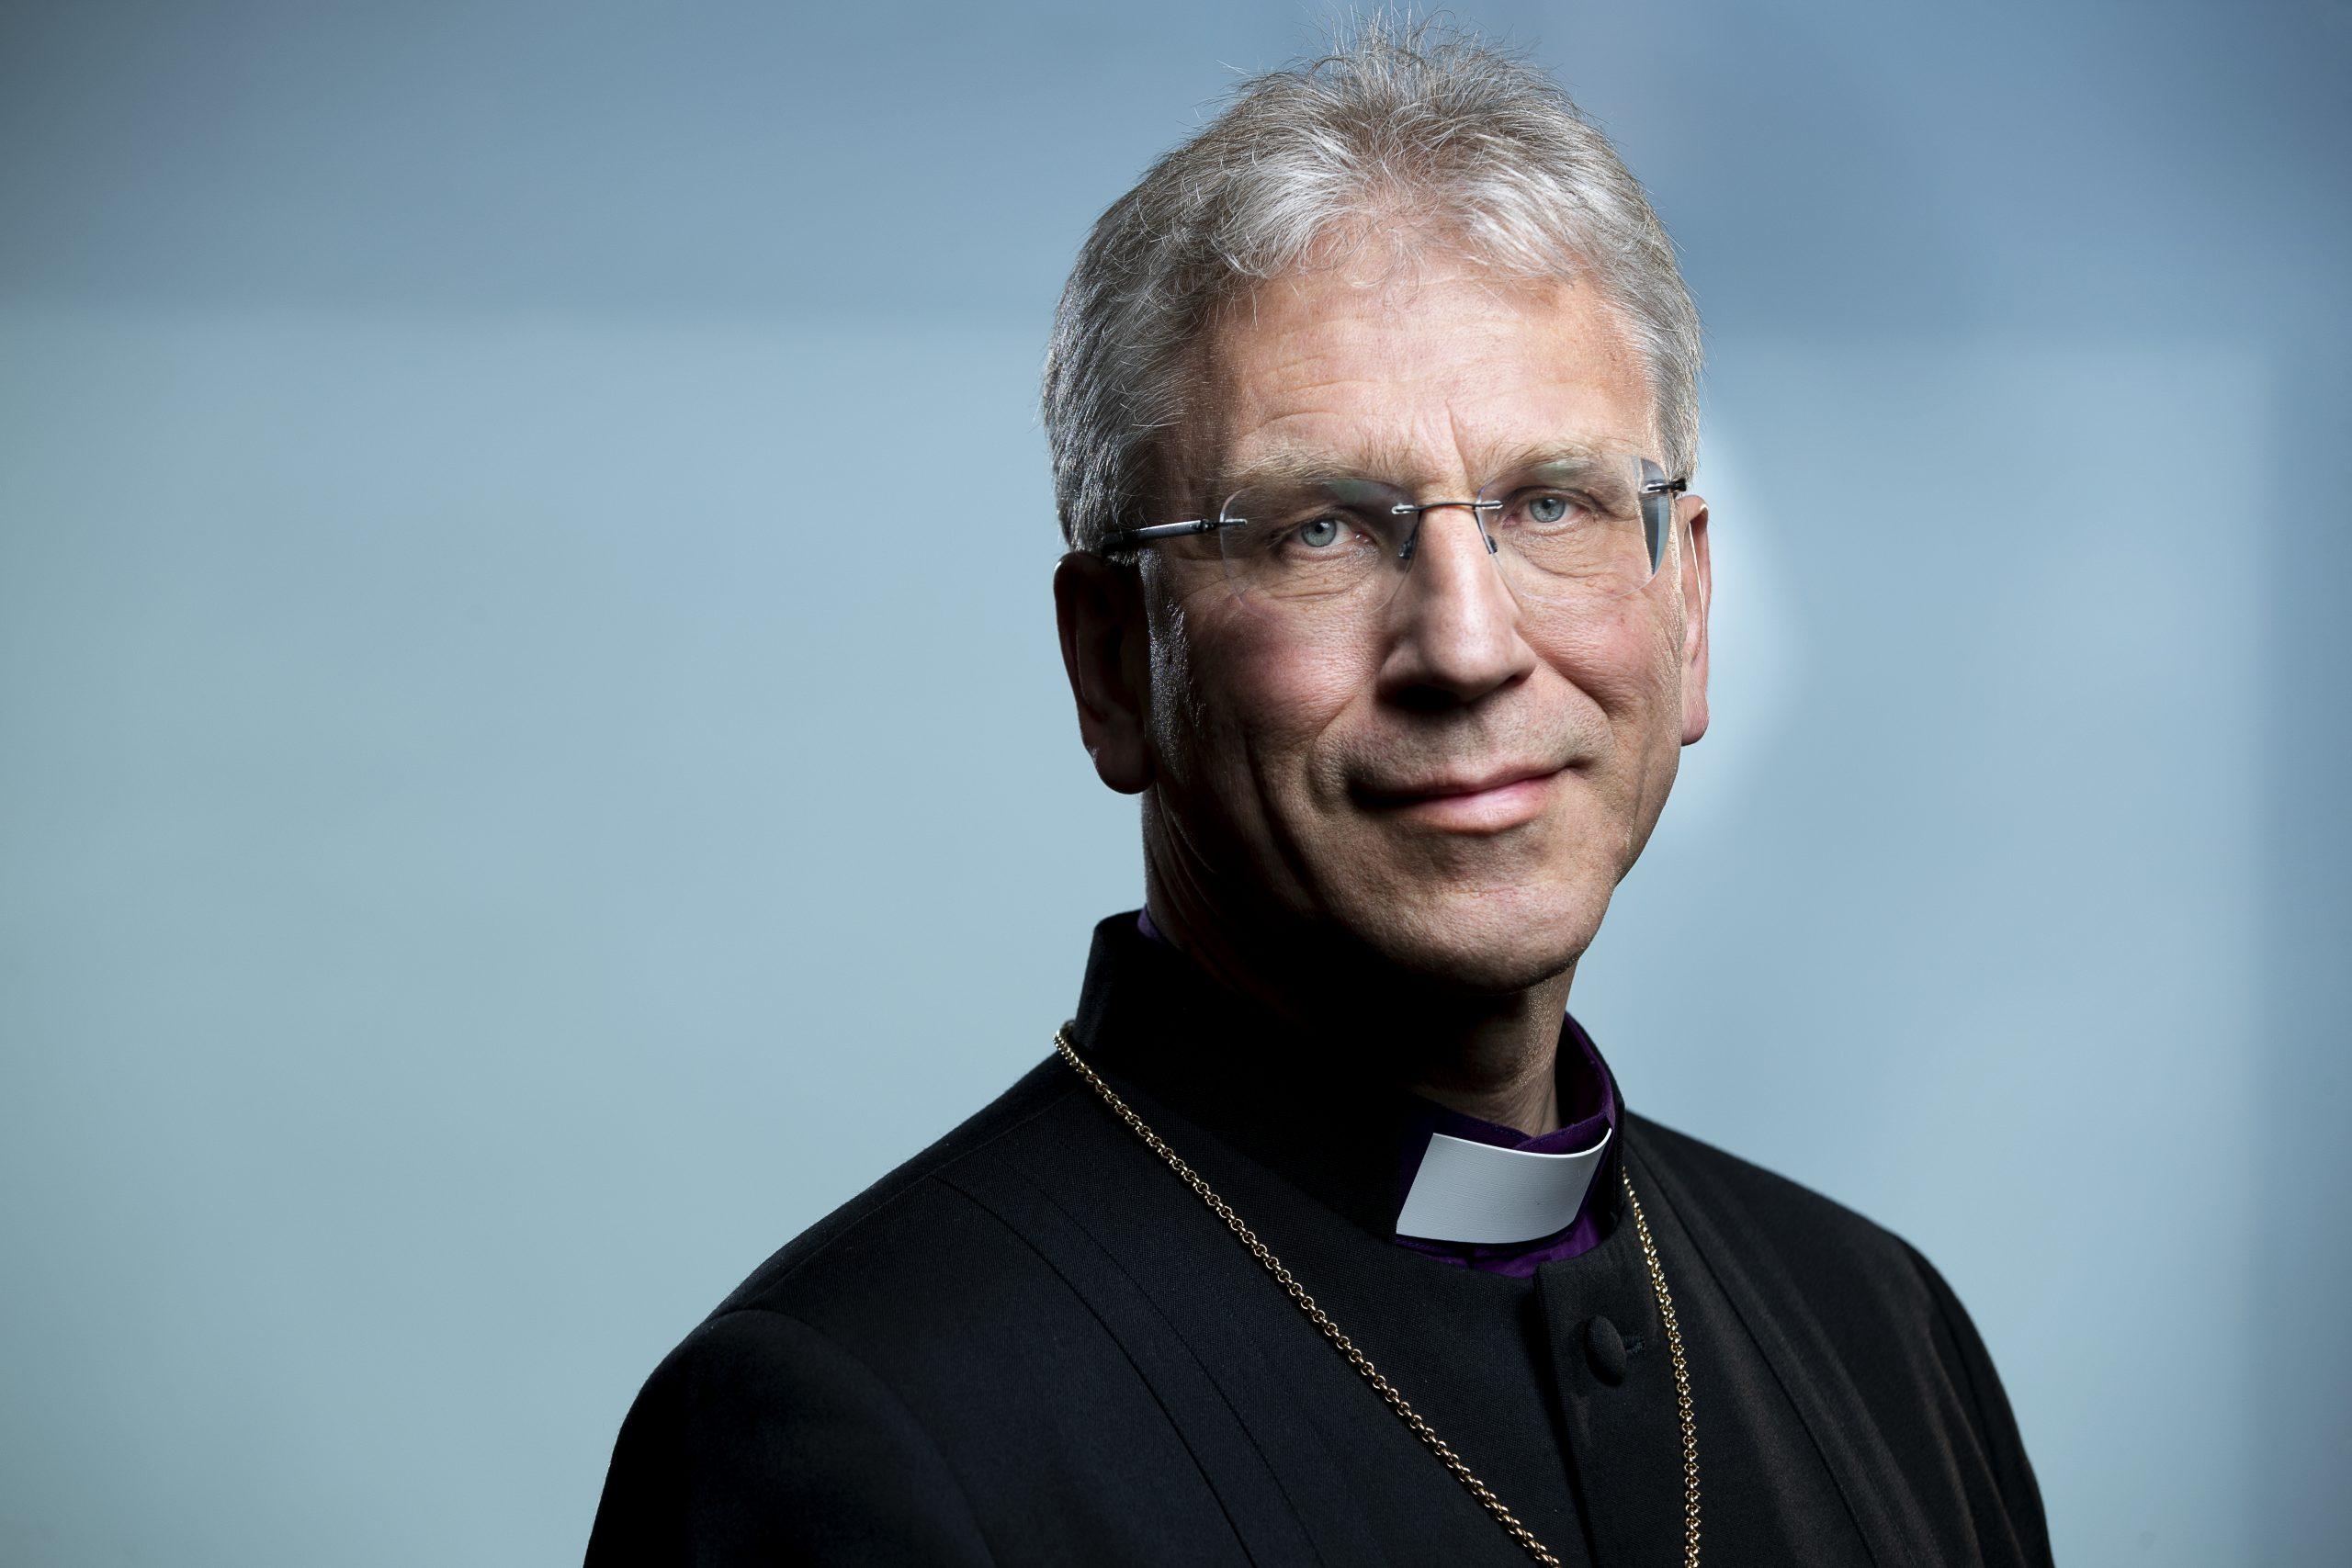 Det finnes ingen reservasjonsrett i Den norske kirke